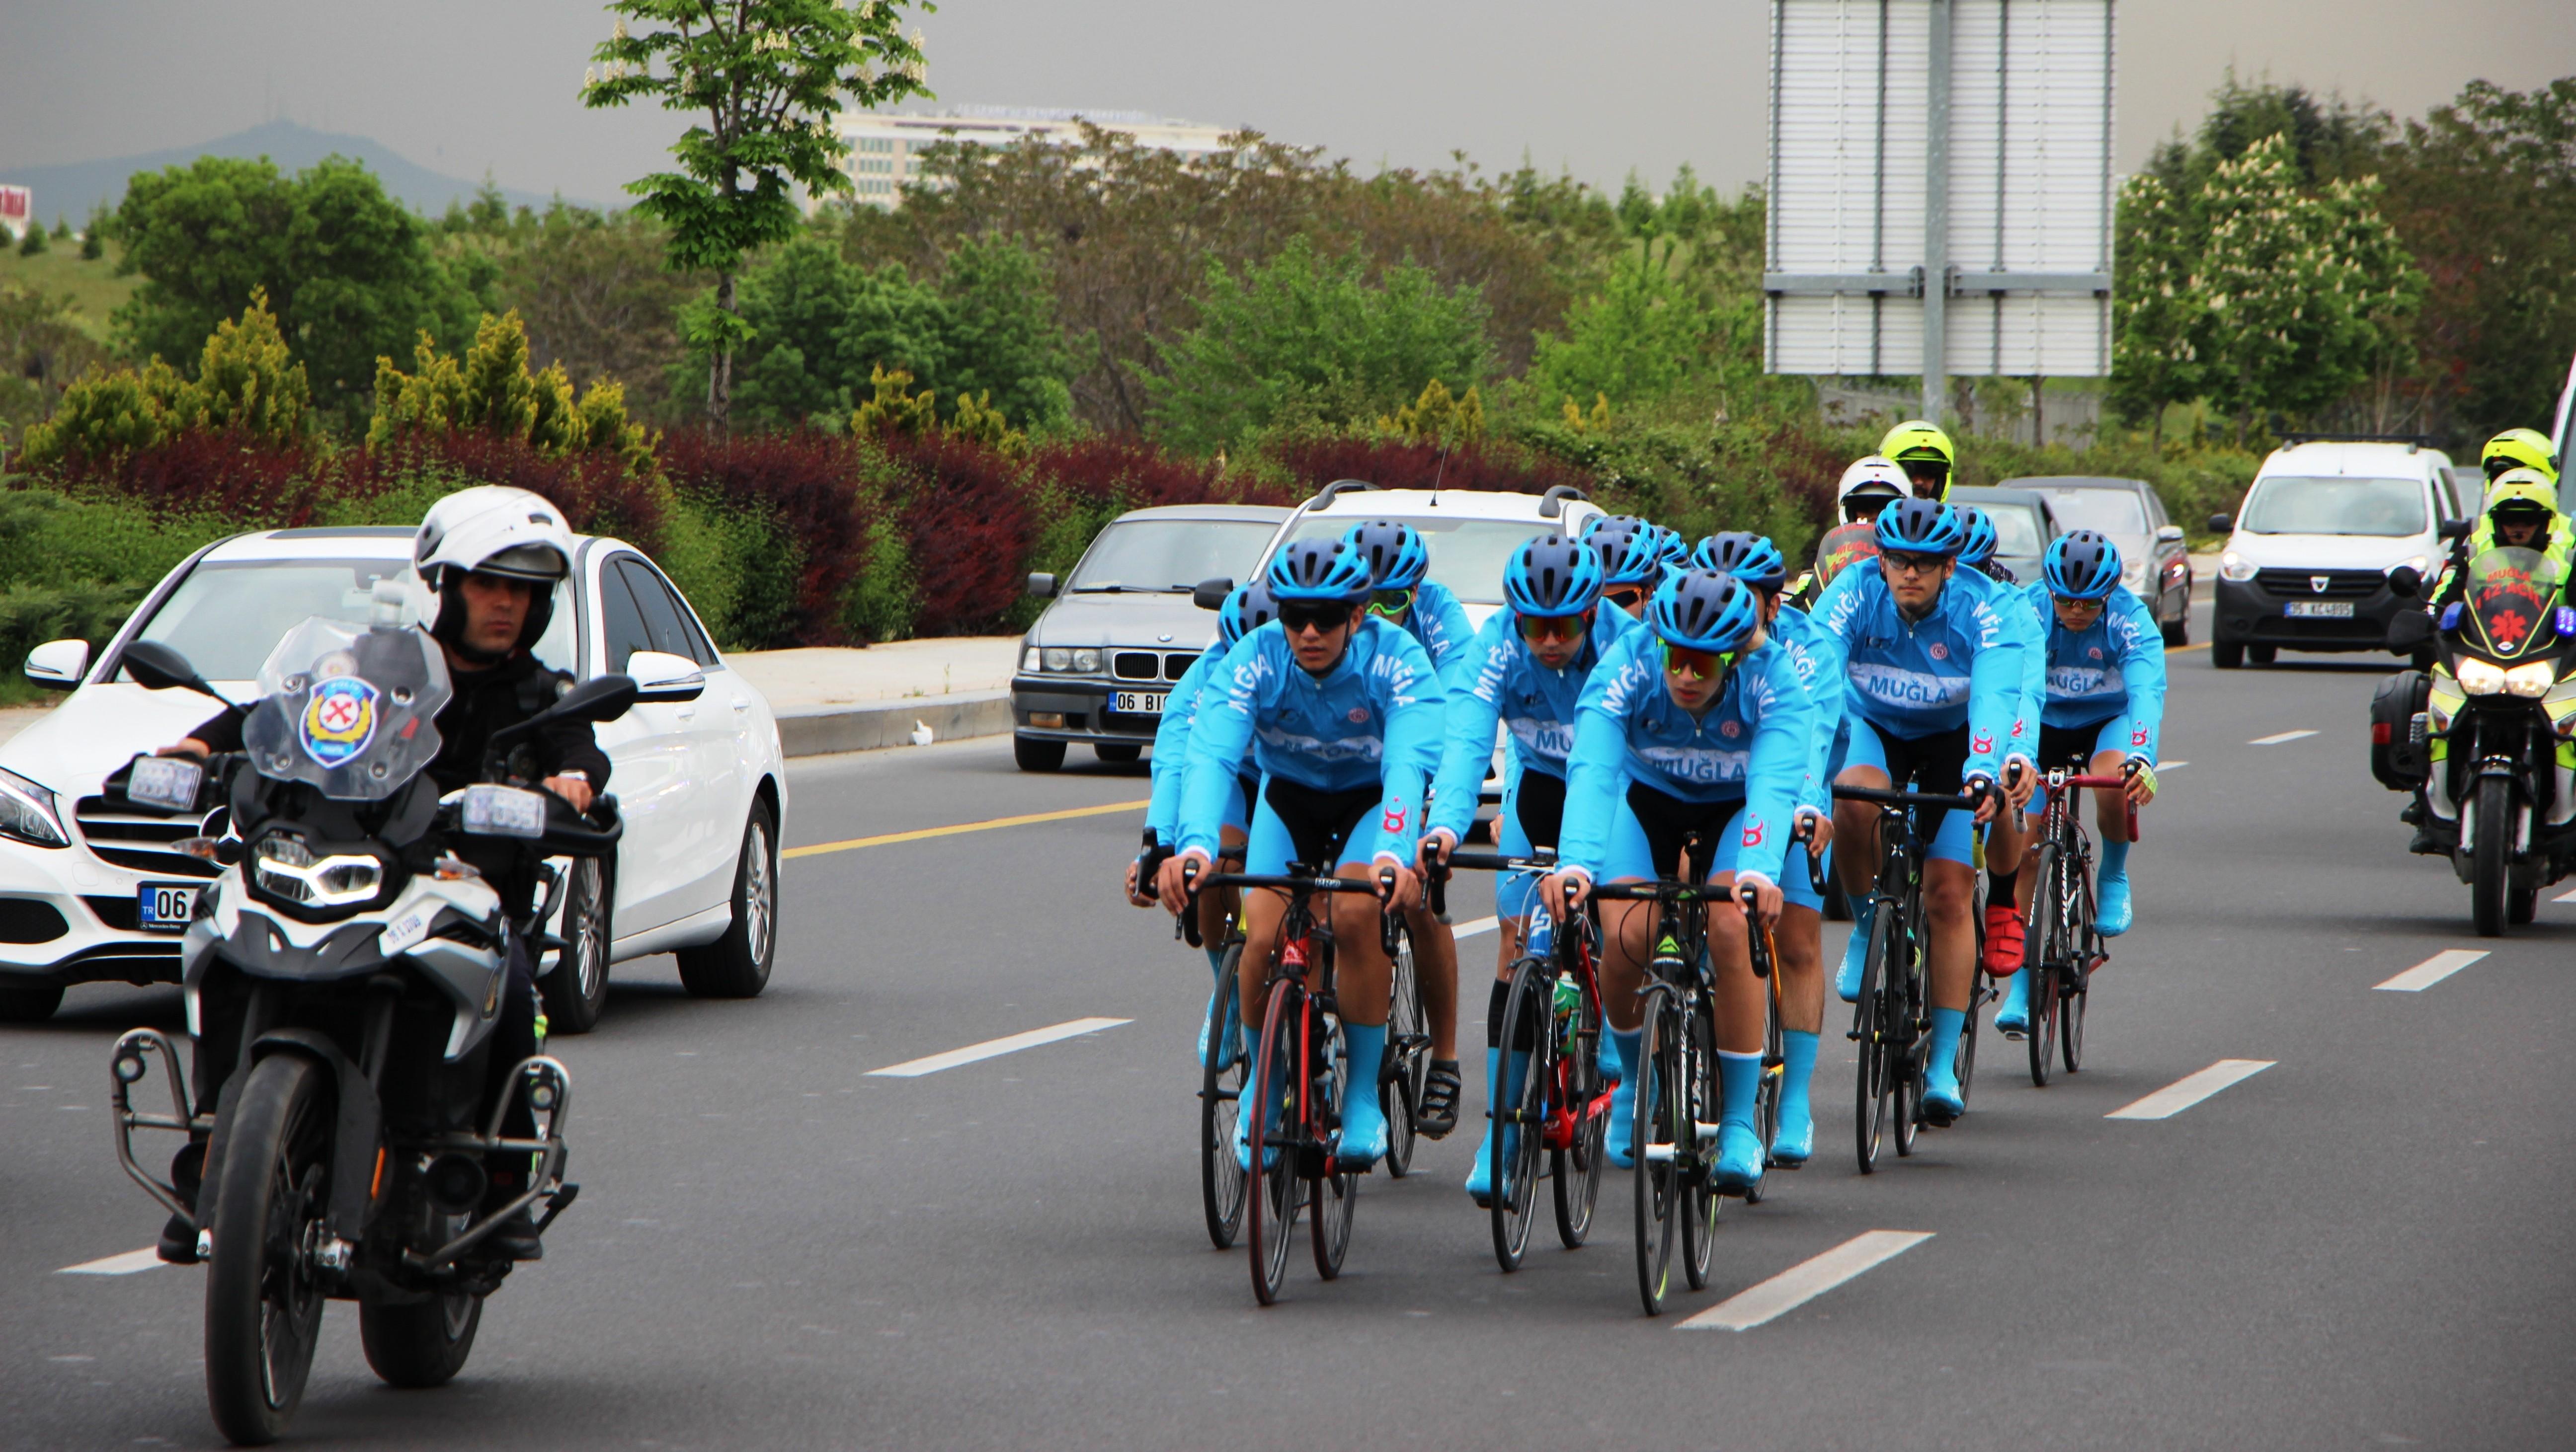 türkiye bisiklet federasyonu MUĞLALI BİSİKLETÇİLER ANITKABİR'İ ZİYARET ETTİLER… mugla bisiklet samsun ankara 3